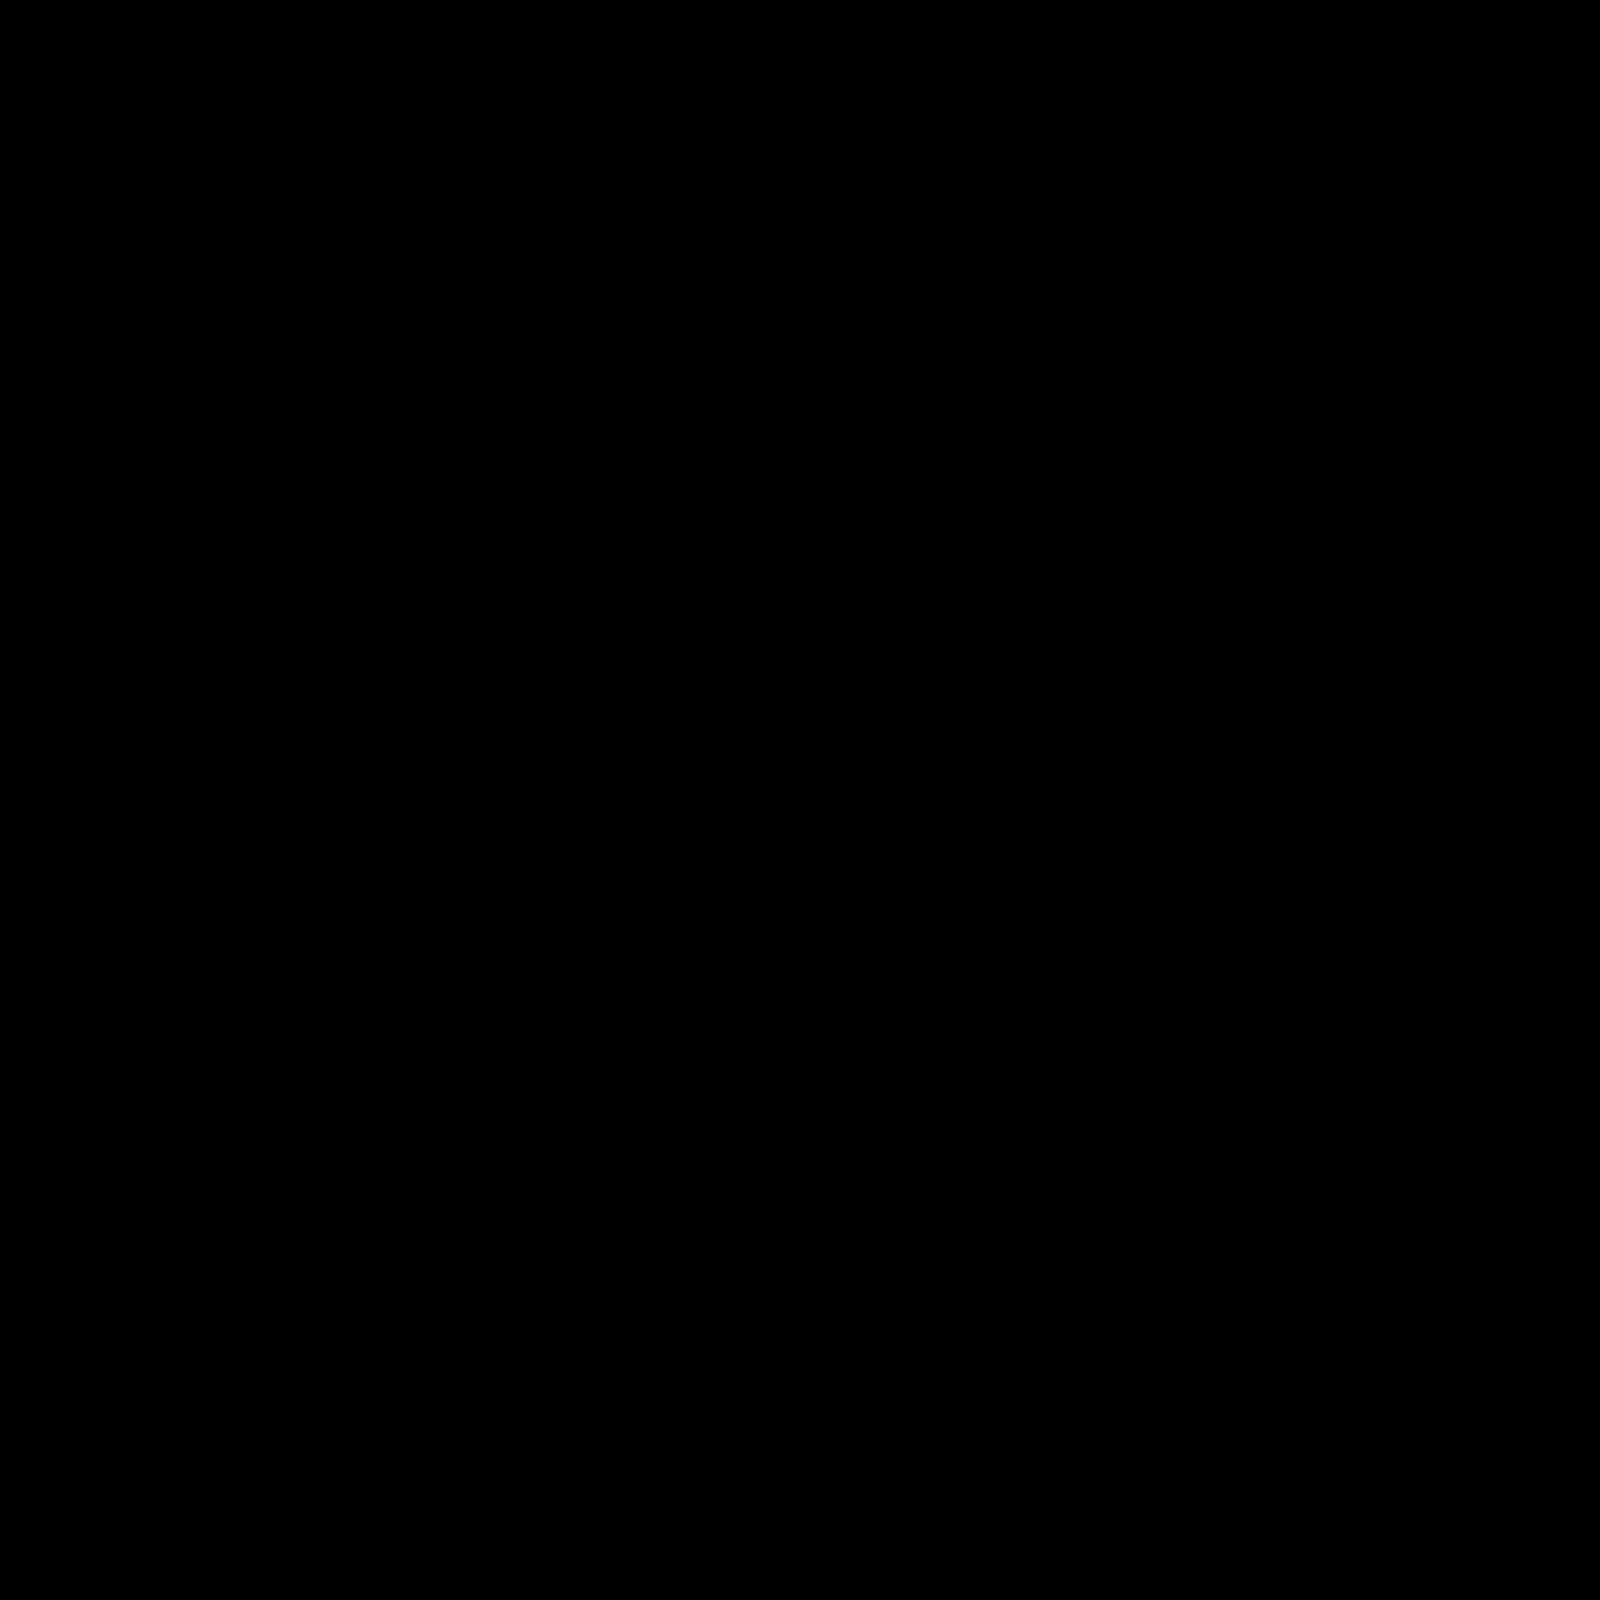 写真のスタック icon. The Stack of Photos icon is made up of three squares placed in a staggering order. You can see the entire first square and then the second peeks to the right and beneath the first and the third extends in the same position beyond the second one to create a fan appeal. Each of the squares has a smaller square inside. You can only see the picture in the top square, which is the silhouette of a person.